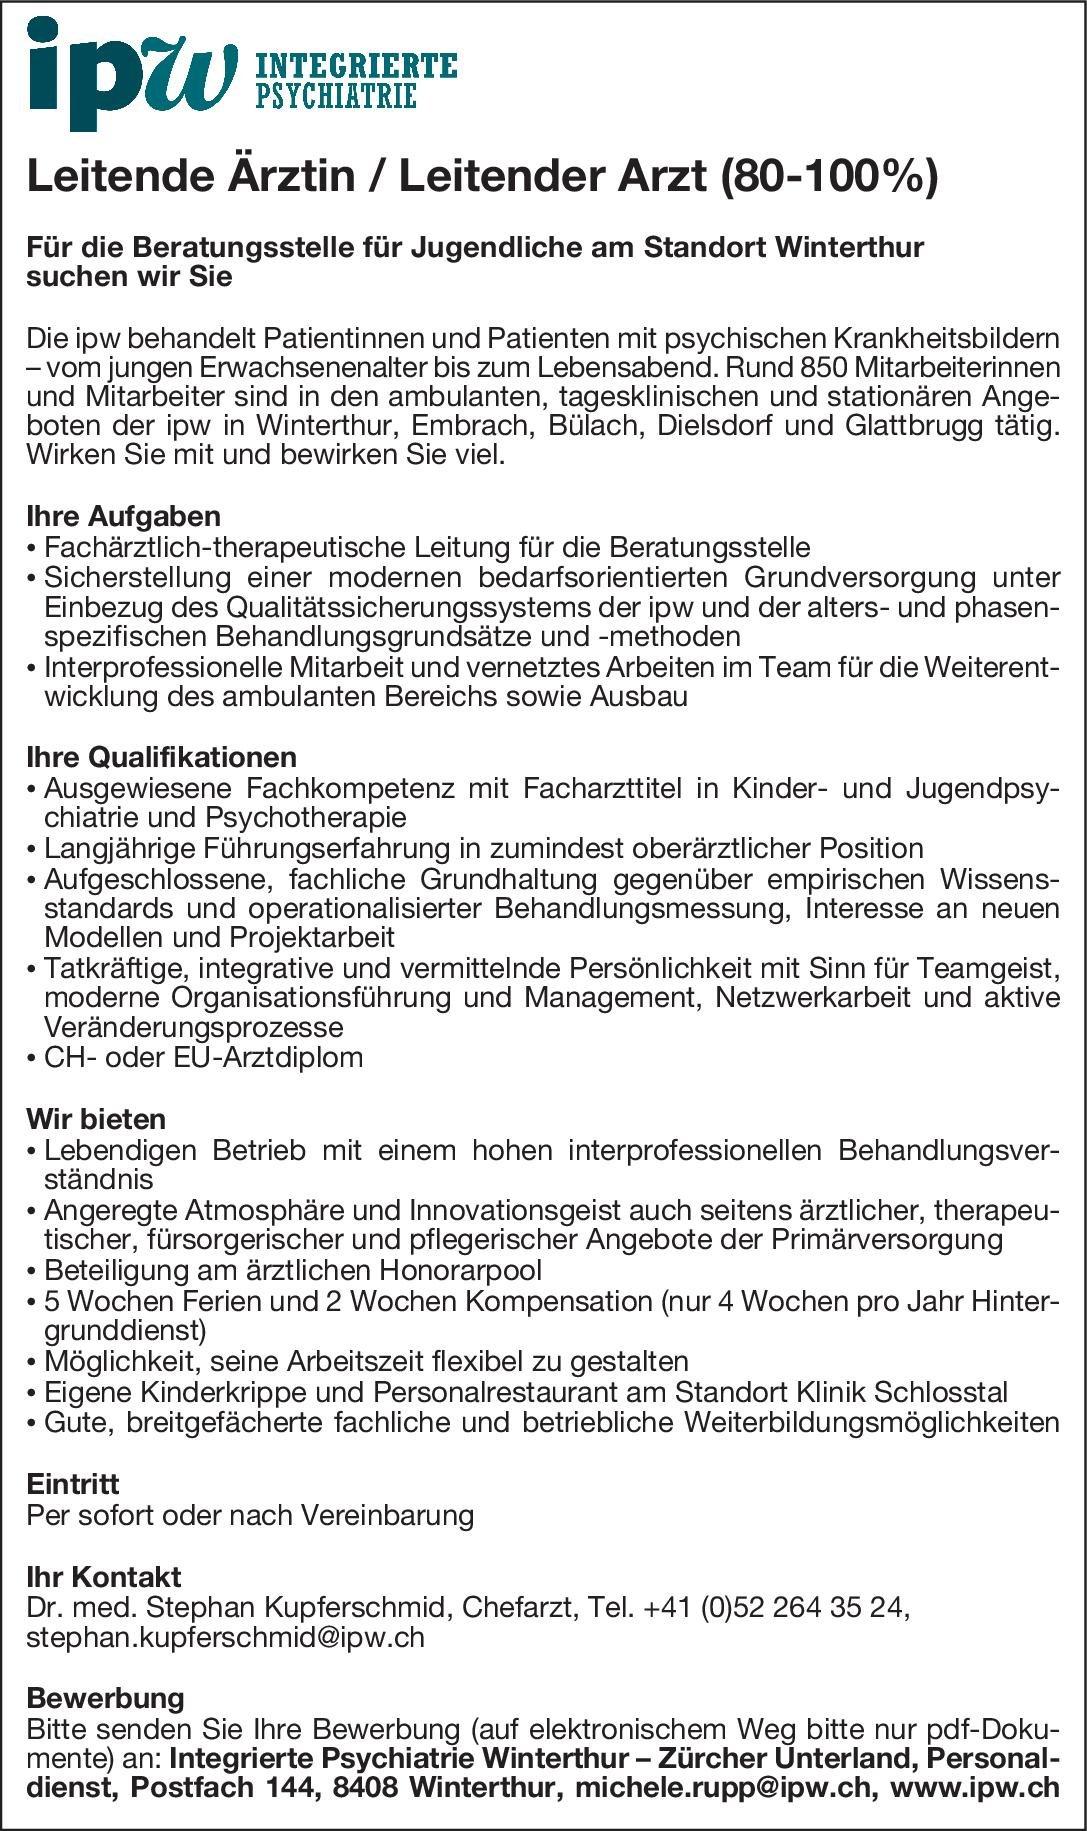 Integrierte Psychiatrie Winterthur – Zürcher Unterland Leitende Ärztin / Leitender Arzt (80-100%) Kinder- und Jugendpsychiatrie und -psychotherapie Arzt / Facharzt, Ärztl. Leiter